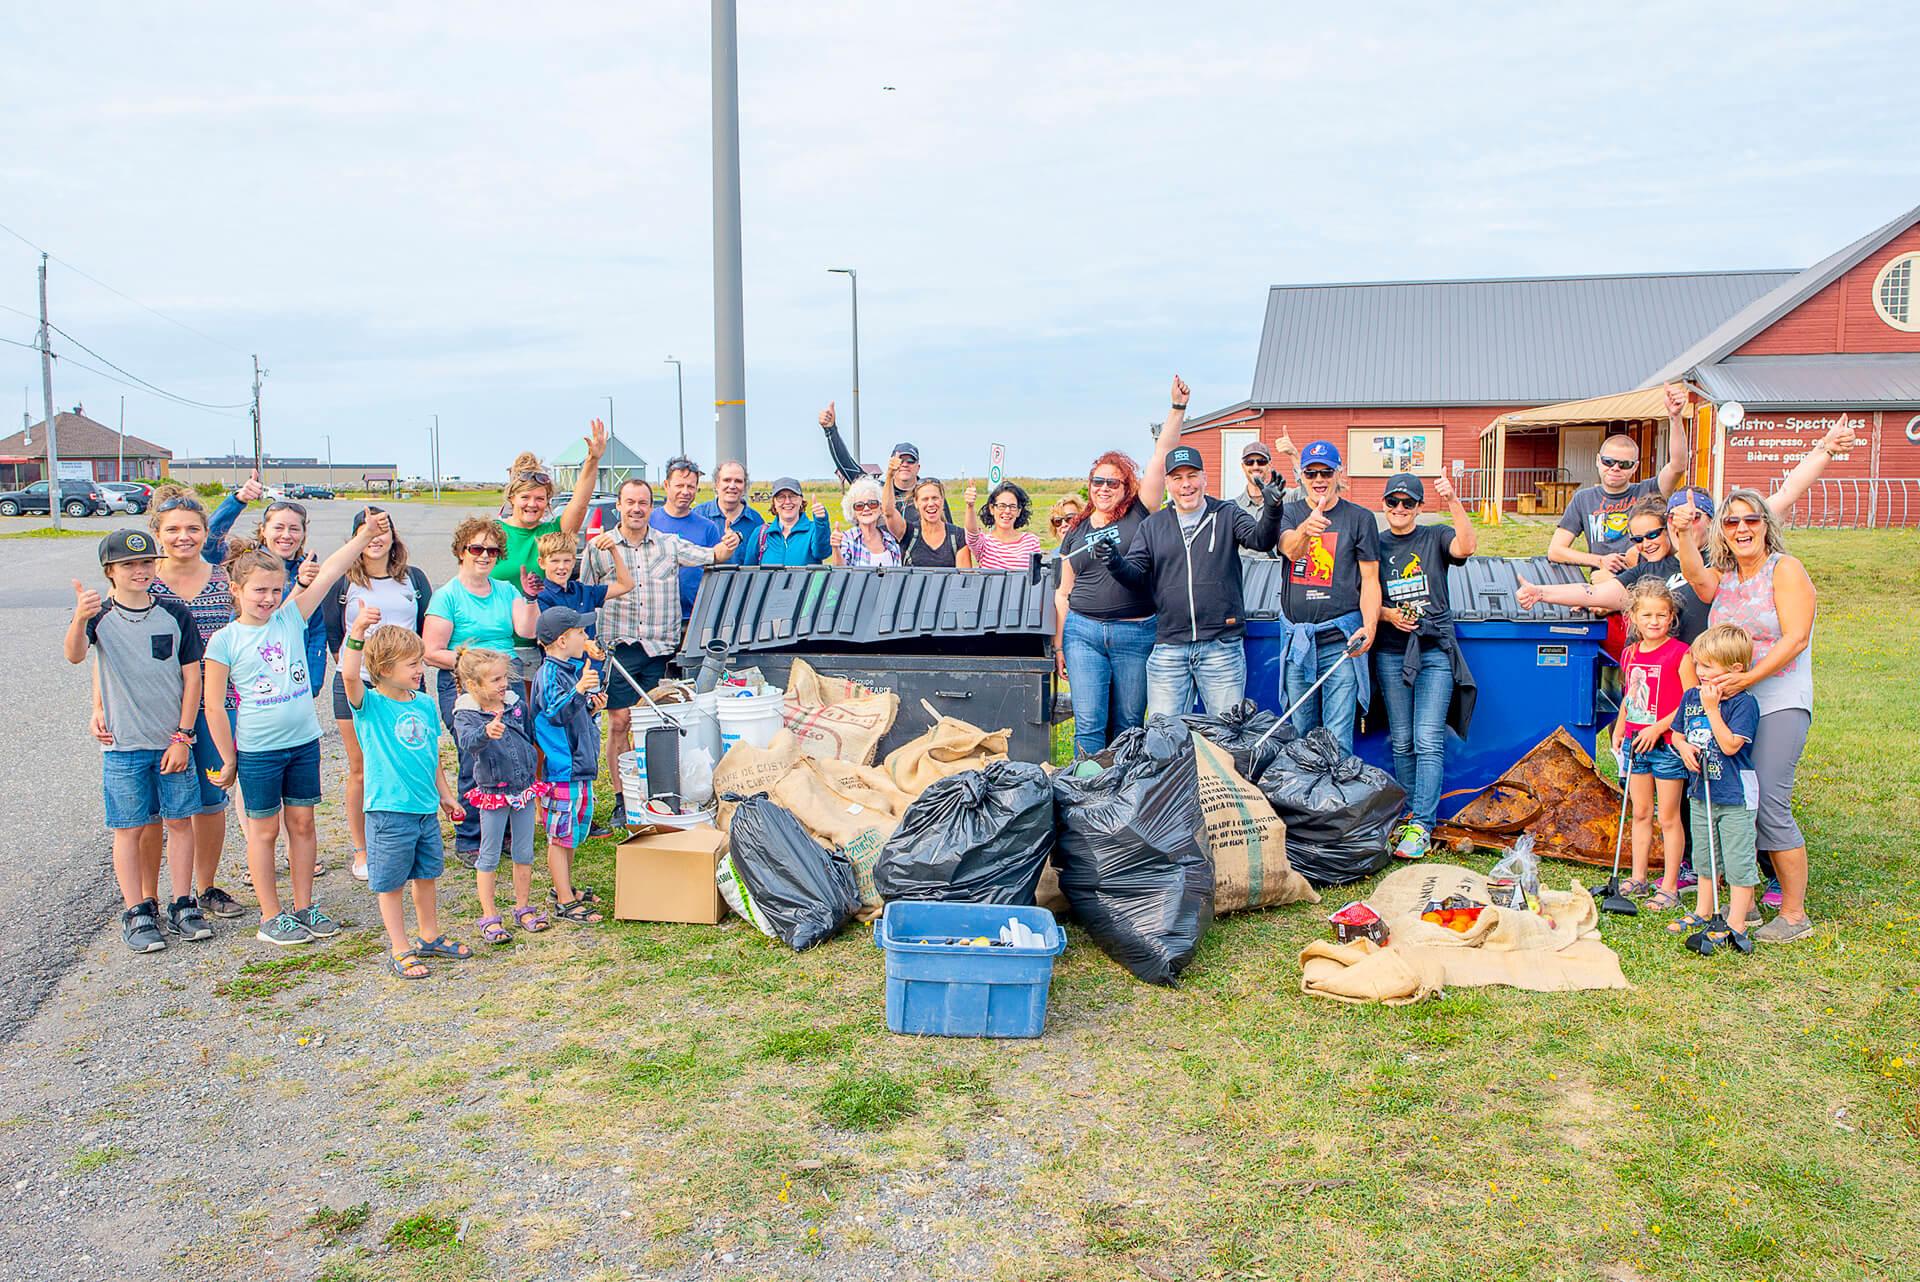 Rammassage déchets Matane Mission 100 tonnes Nettoyons la planète en un jour environnement